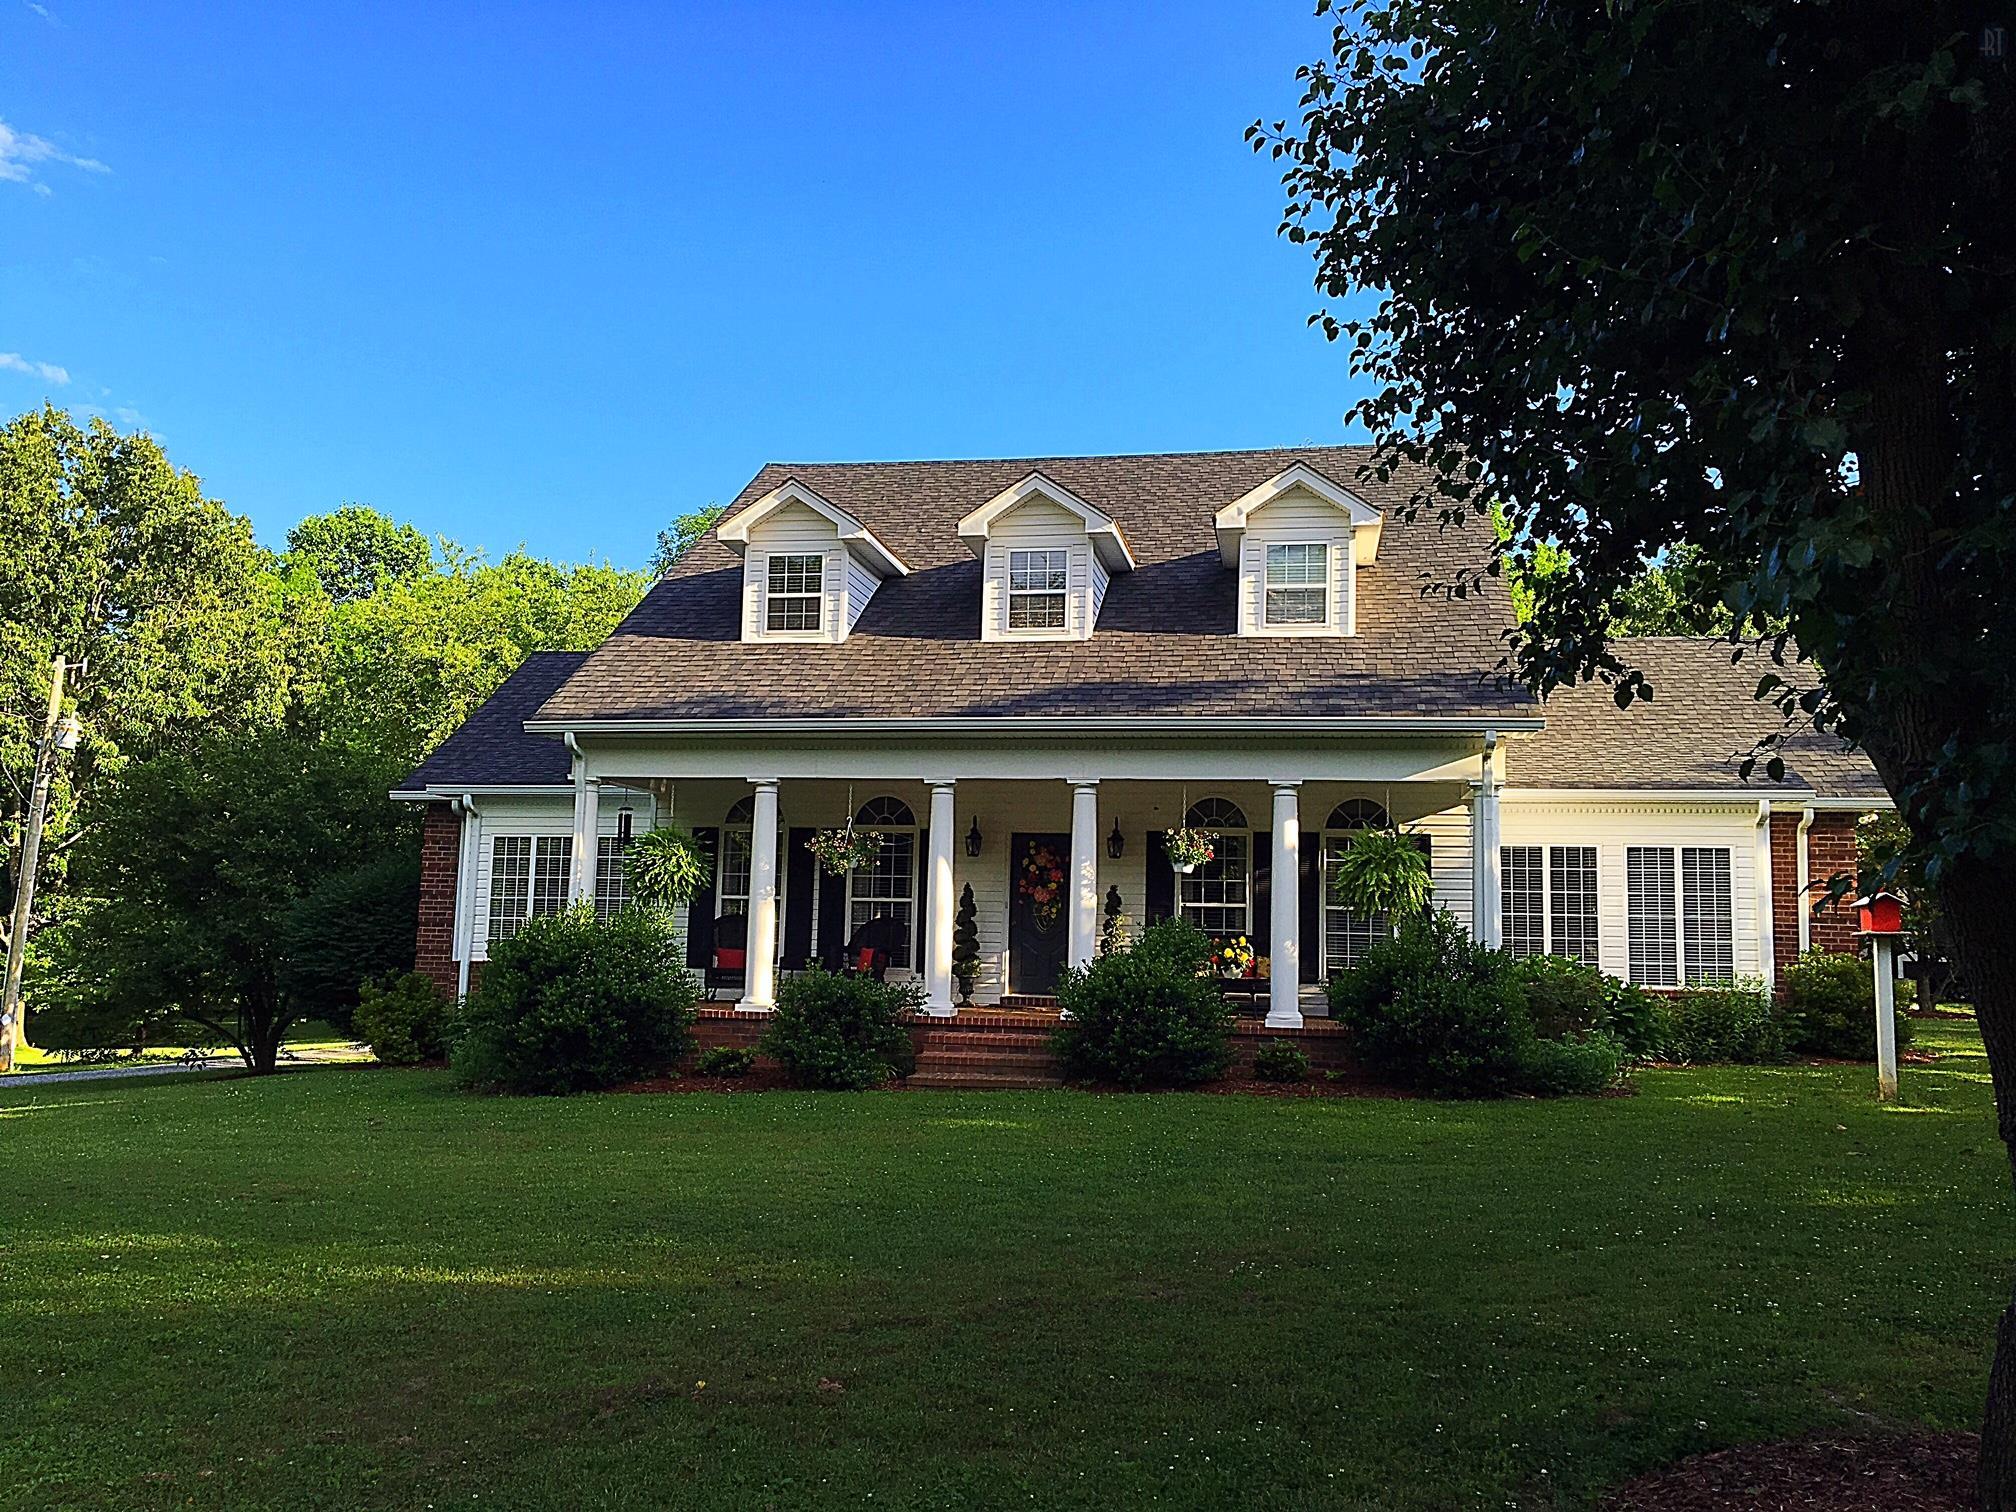 7949 Bill Moss Rd, White House, TN 37188